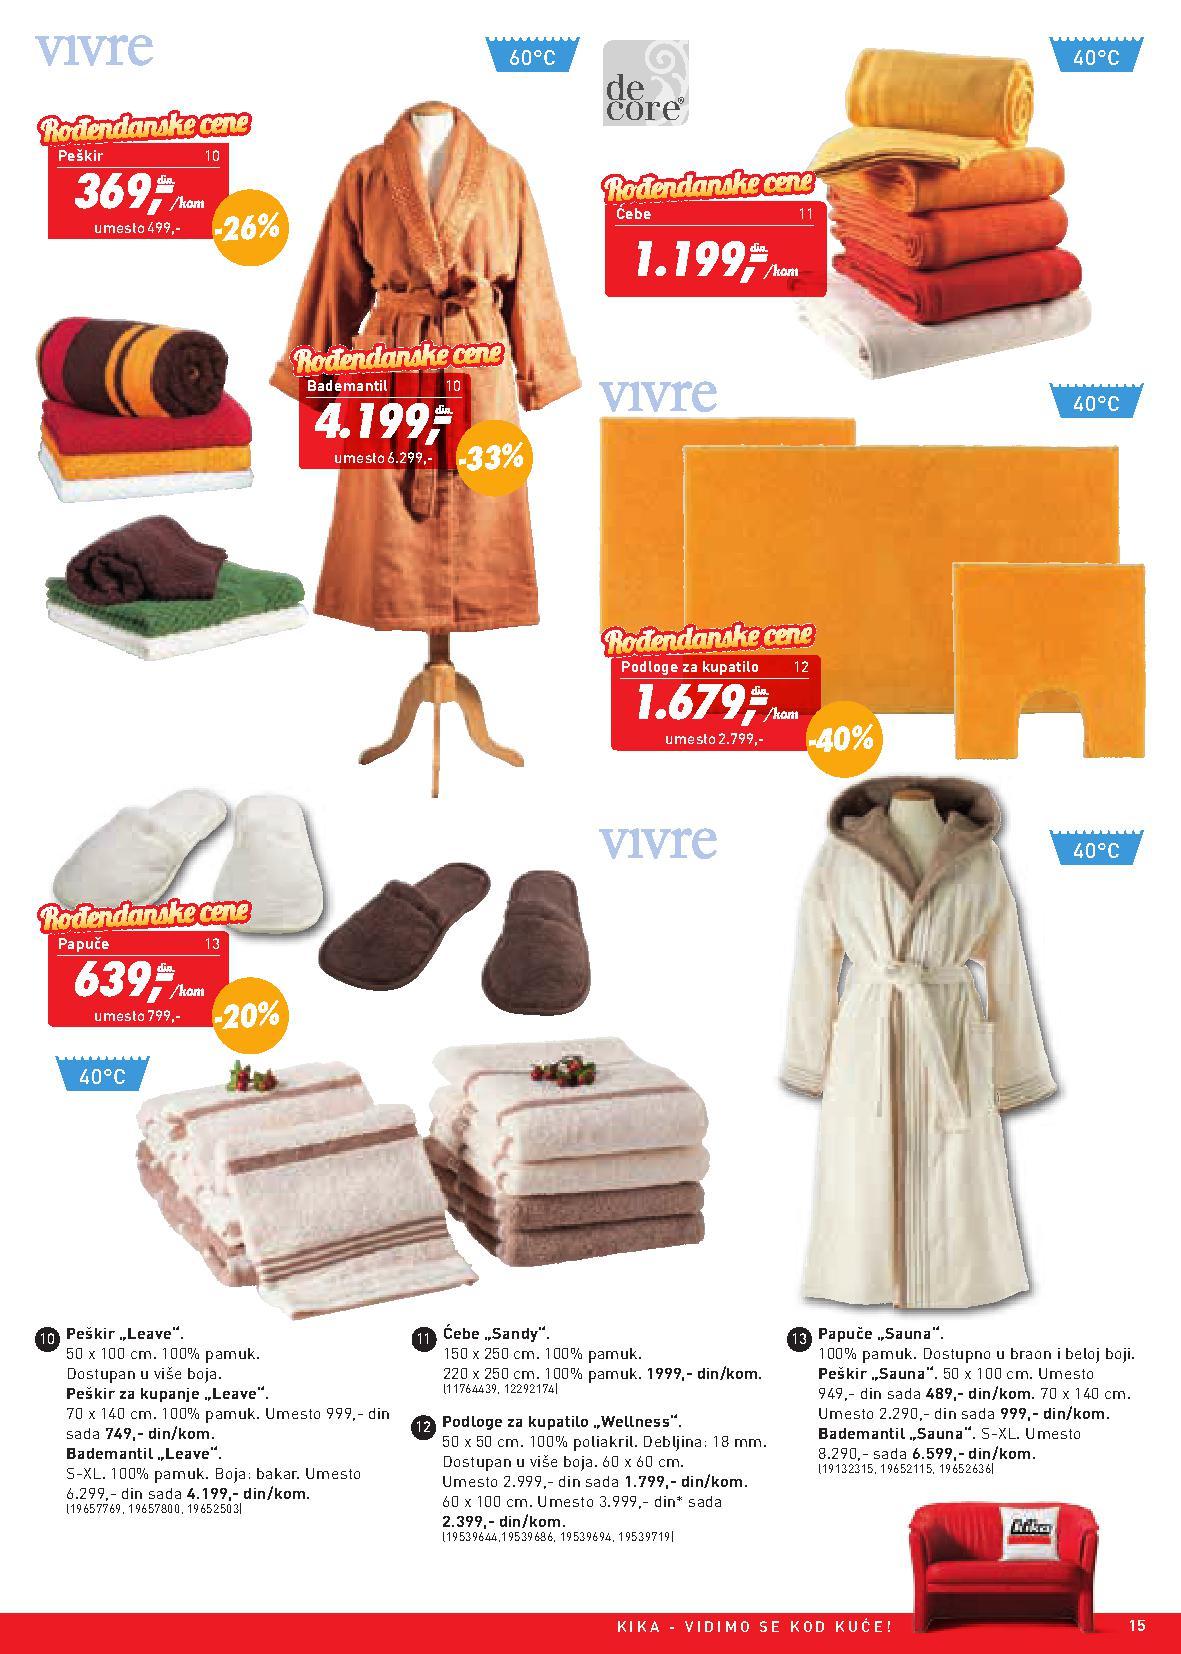 Kika katalog super cena